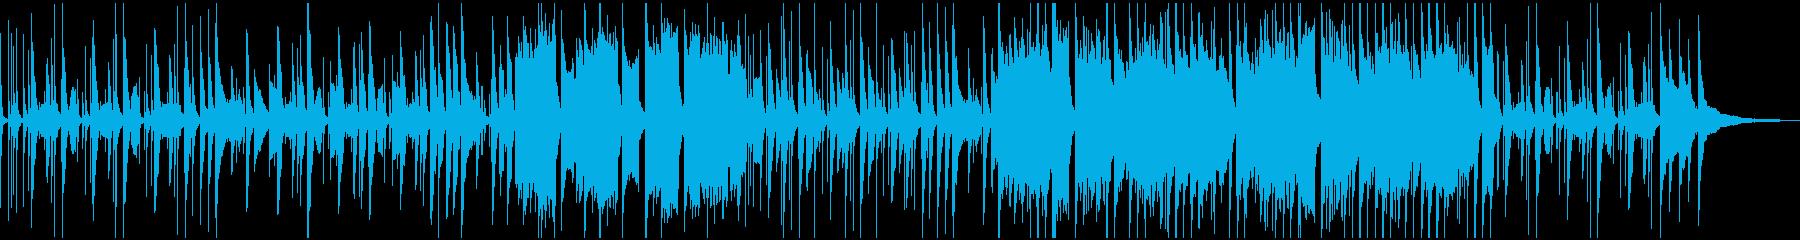 ほのぼの木琴・キッズ・ショートの再生済みの波形